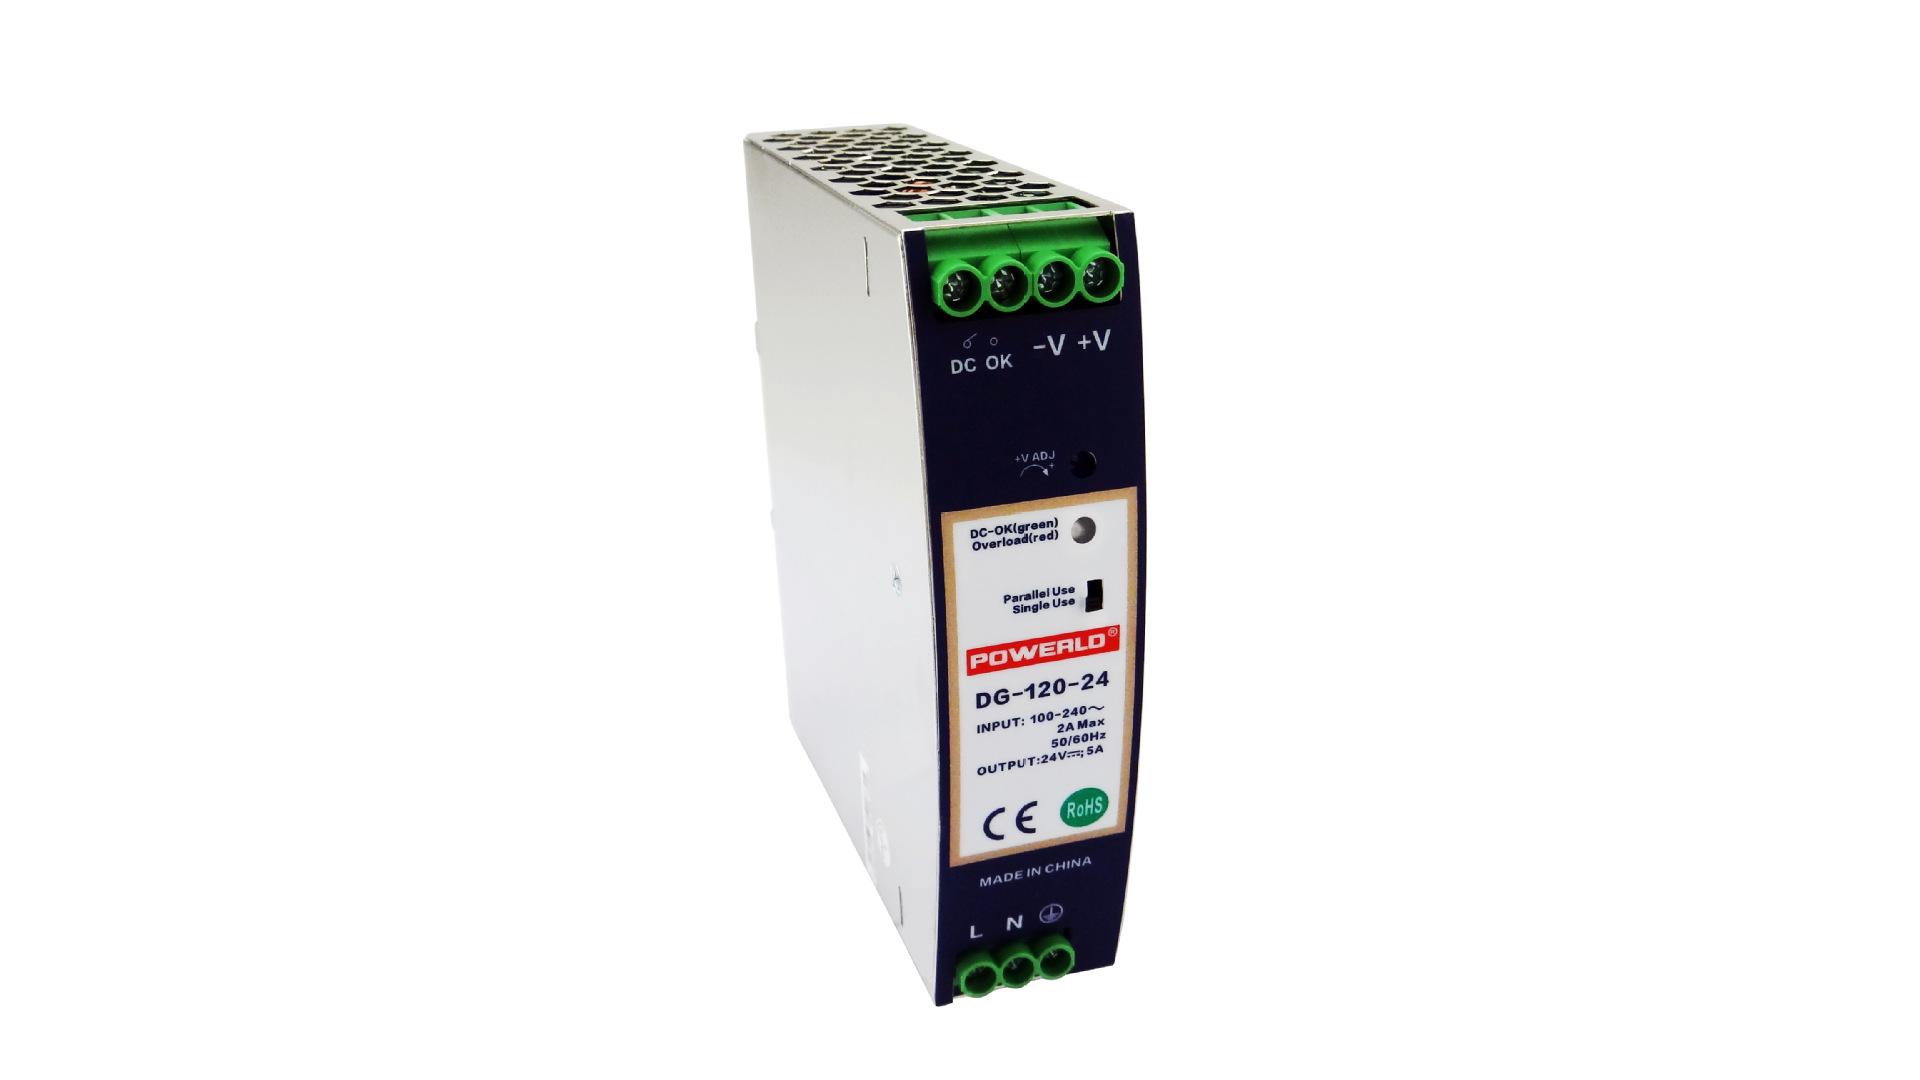 高效率超薄导轨式开关电源DG-120-24 AC/DC电源 全桥式